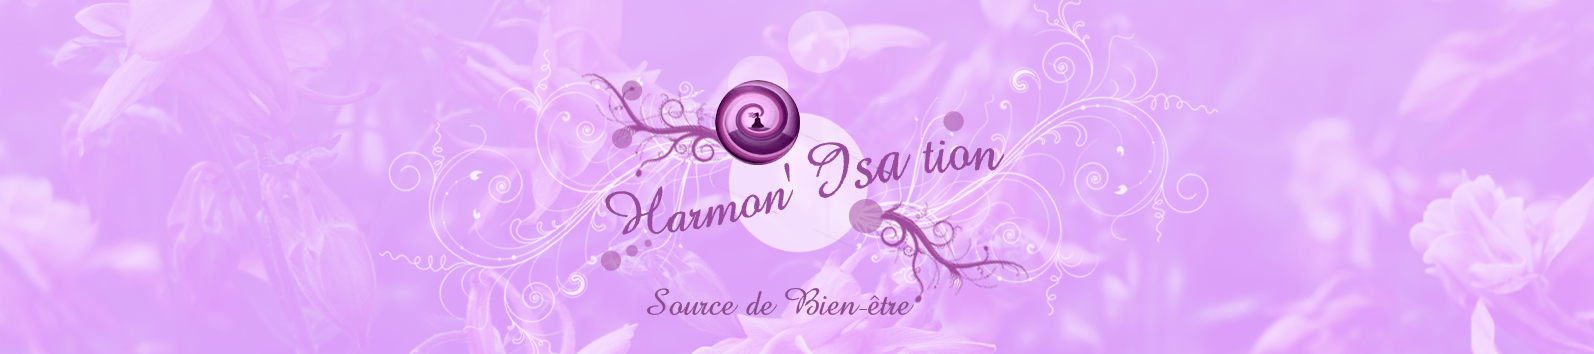 Harmon'Isa tion